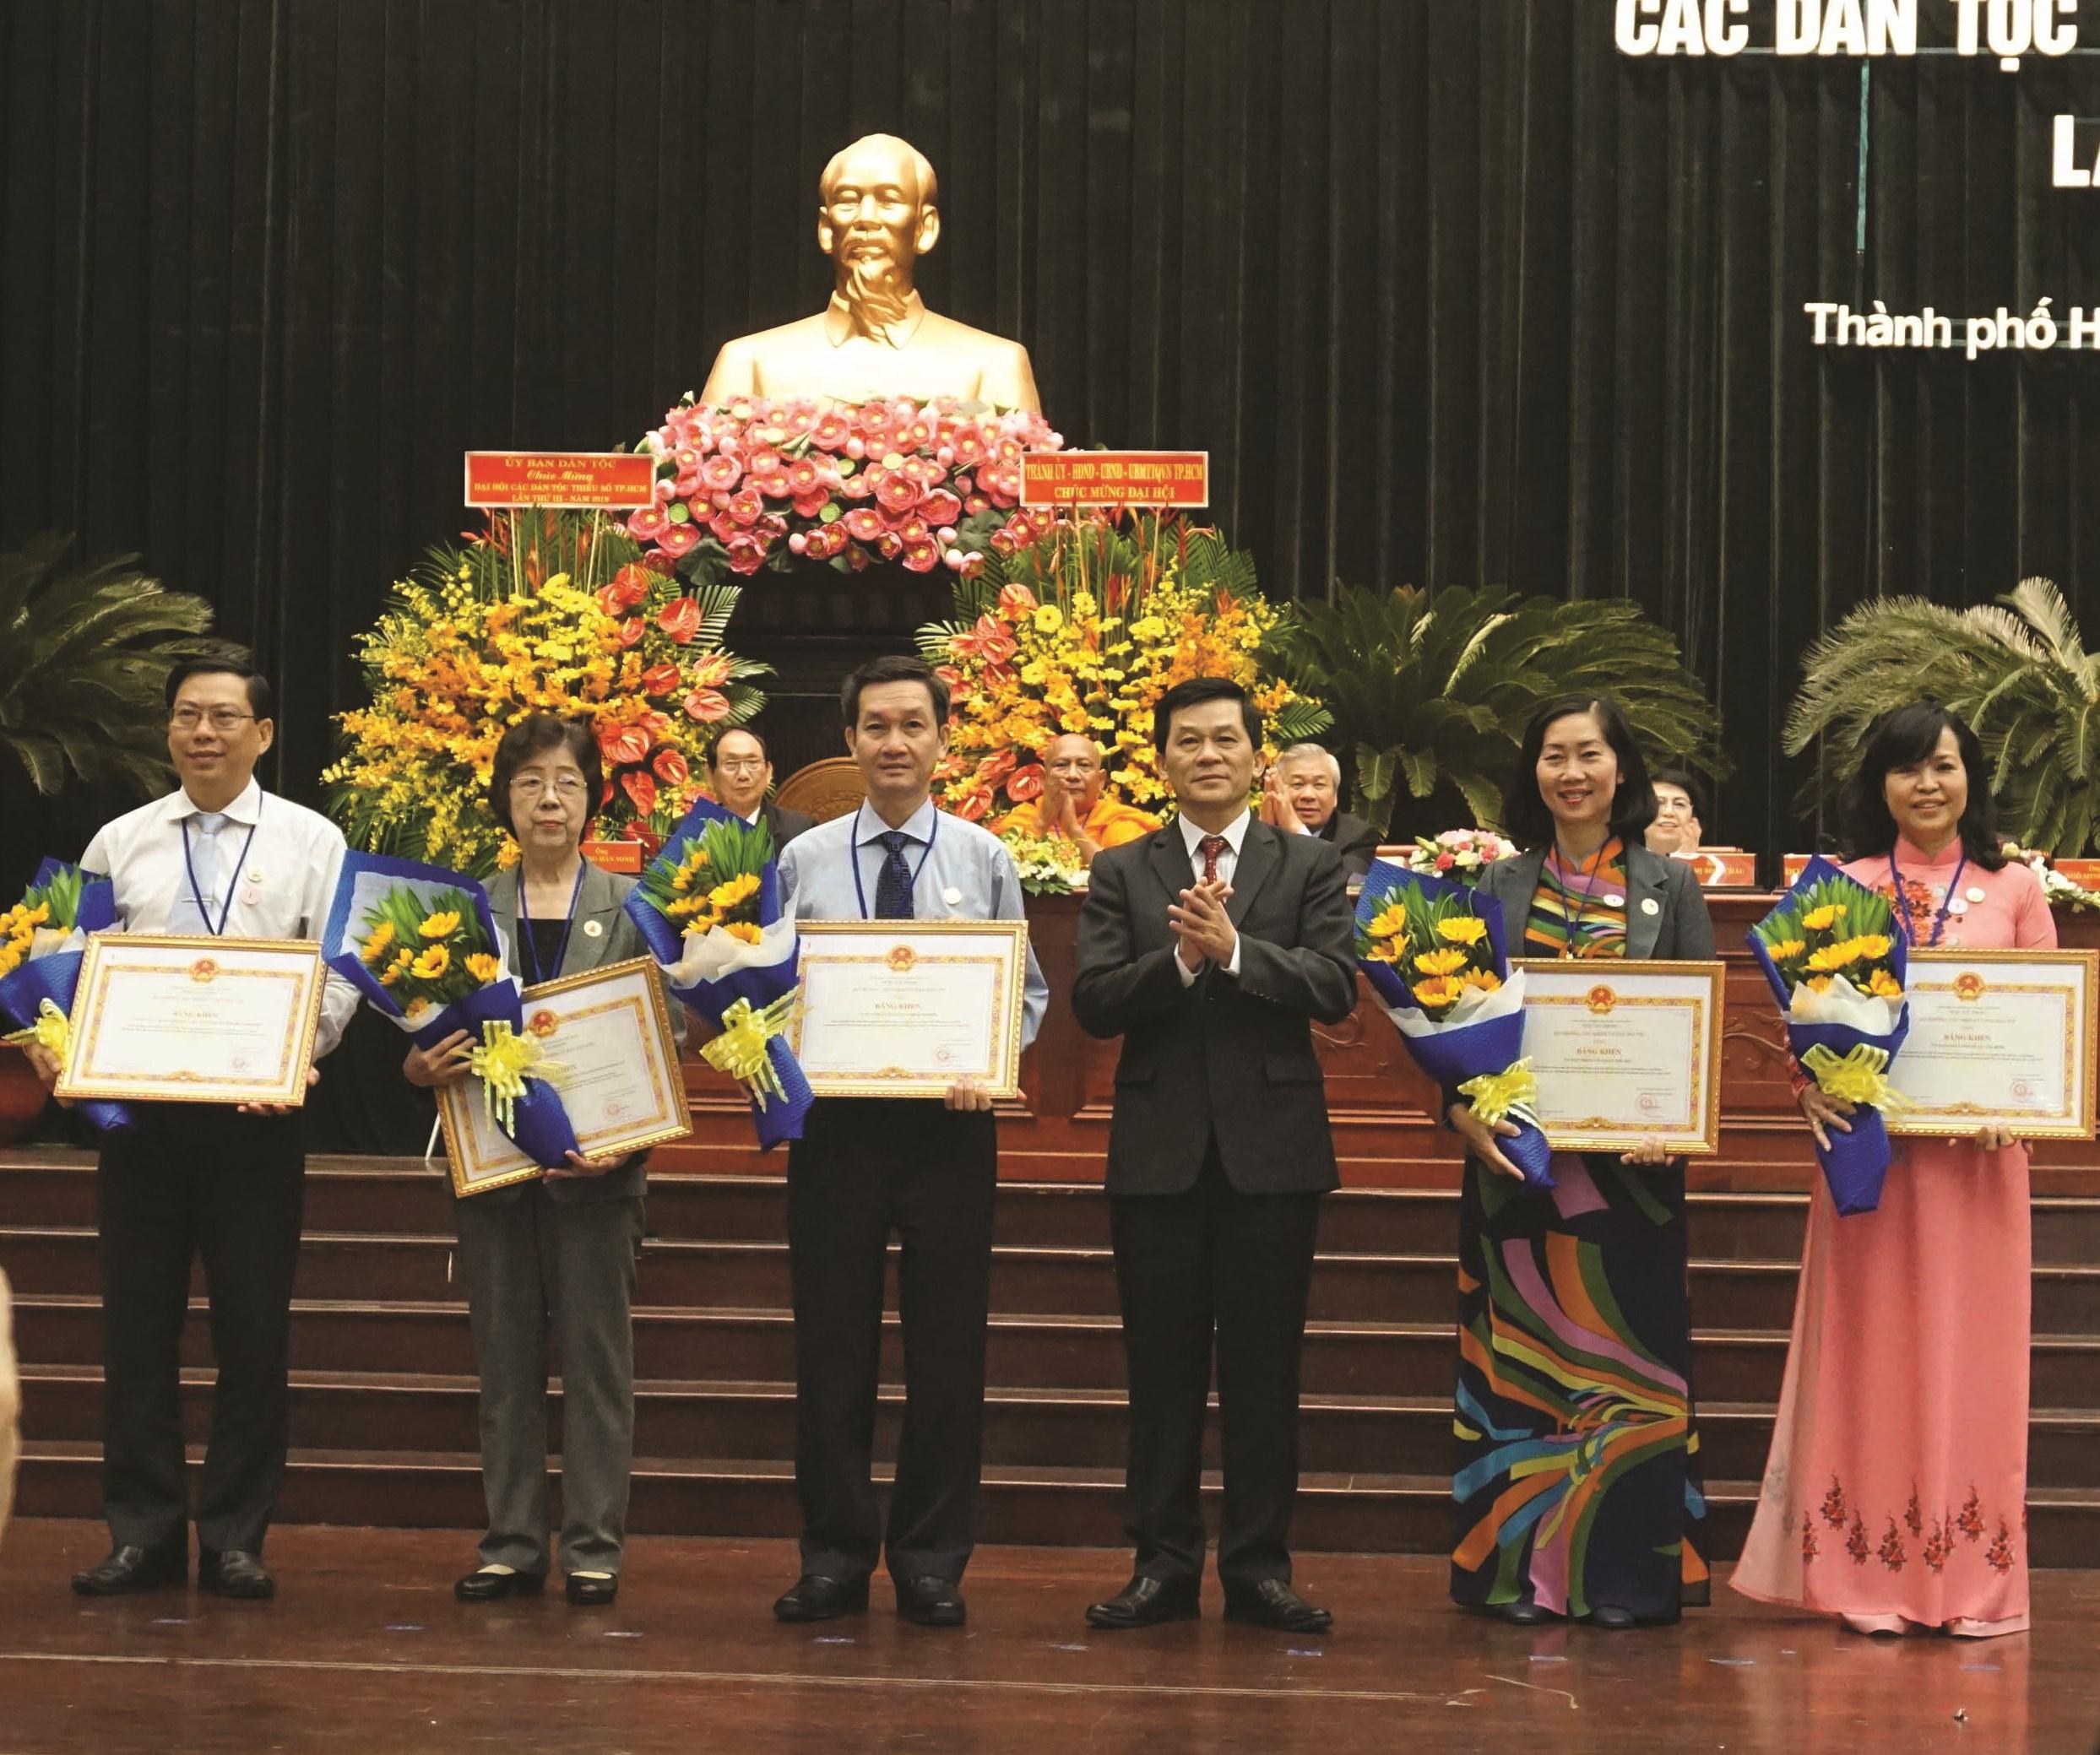 Thứ trưởng, Phó Chủ nhiệm UBDT Nông Quốc Tuấn trao Bằng khen của Bộ trưởng, Chủ nhiệm UBDT đến các tập thể và cá nhân.